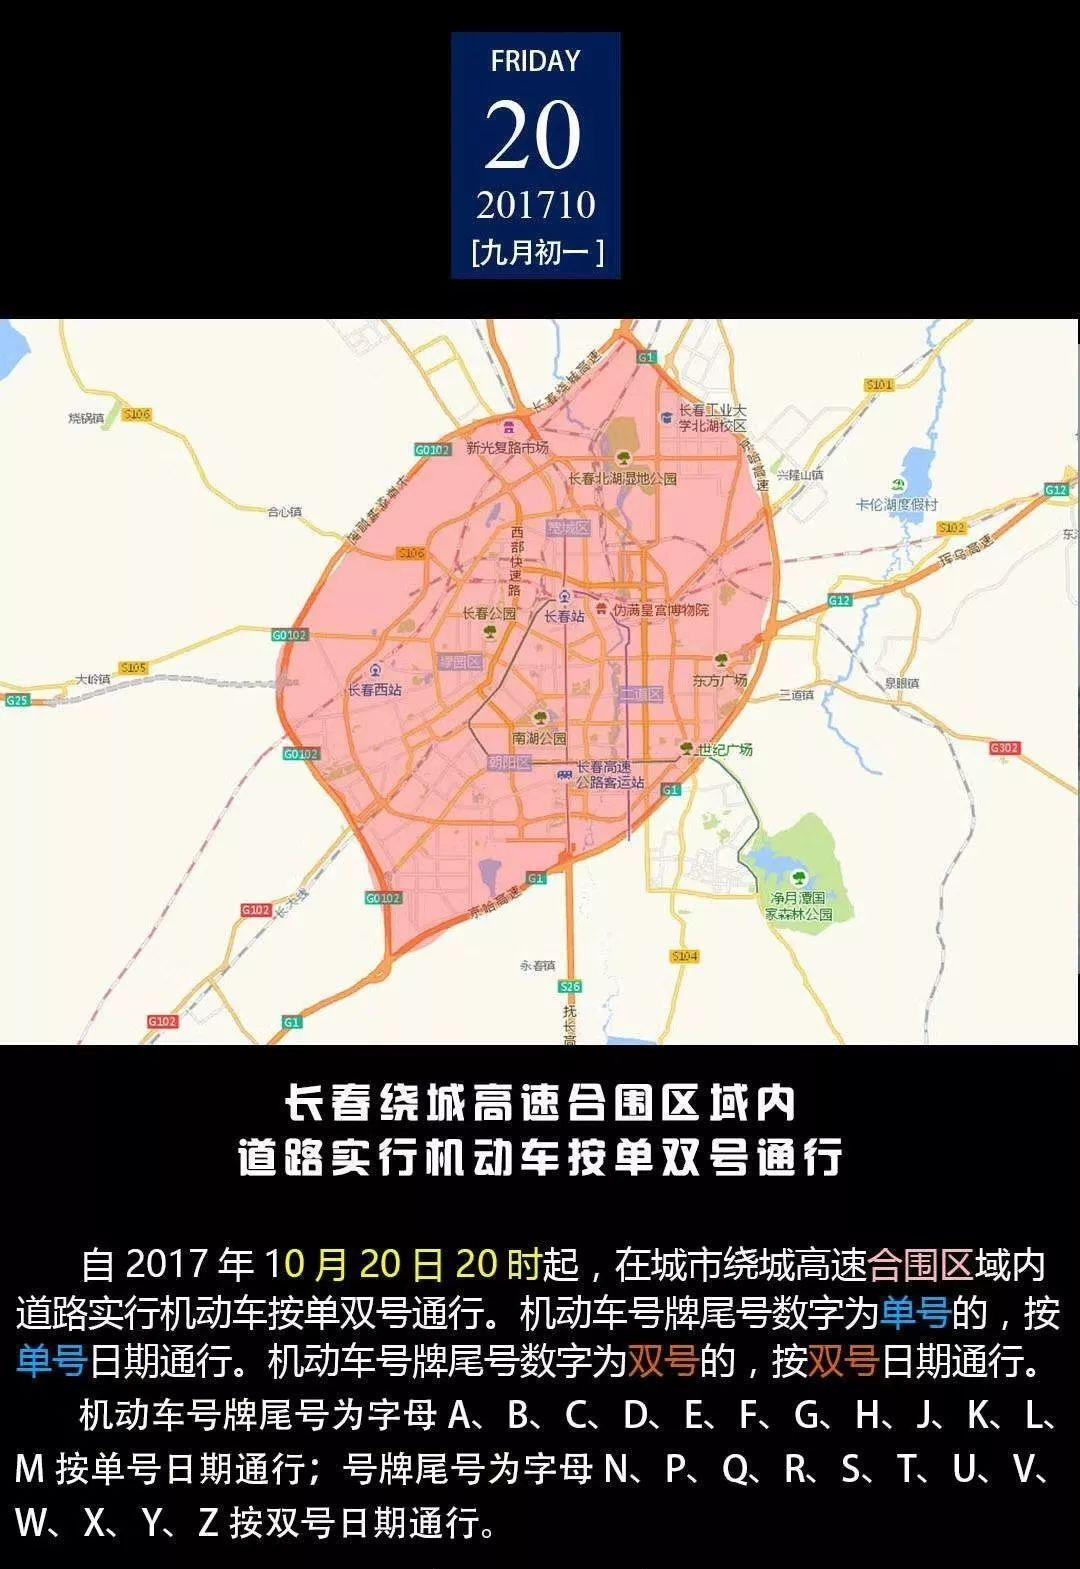 延边州未来7天天气